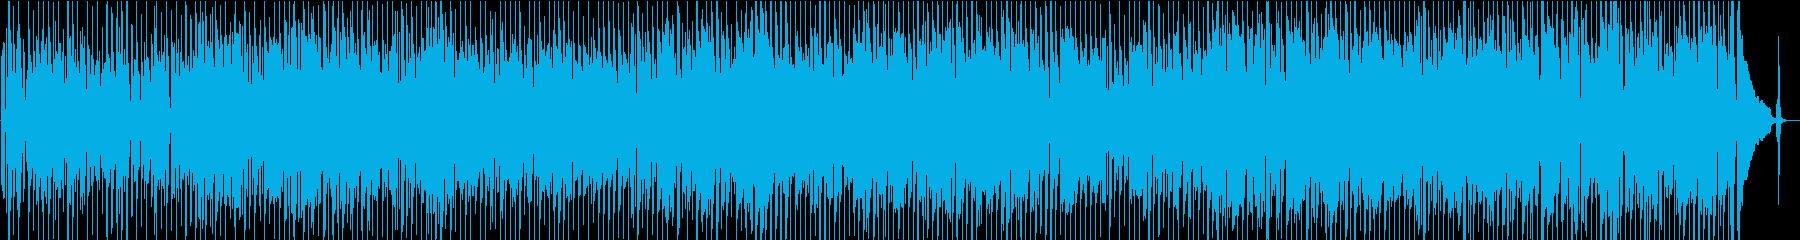 積極的なギター駆動のインストゥルメ...の再生済みの波形